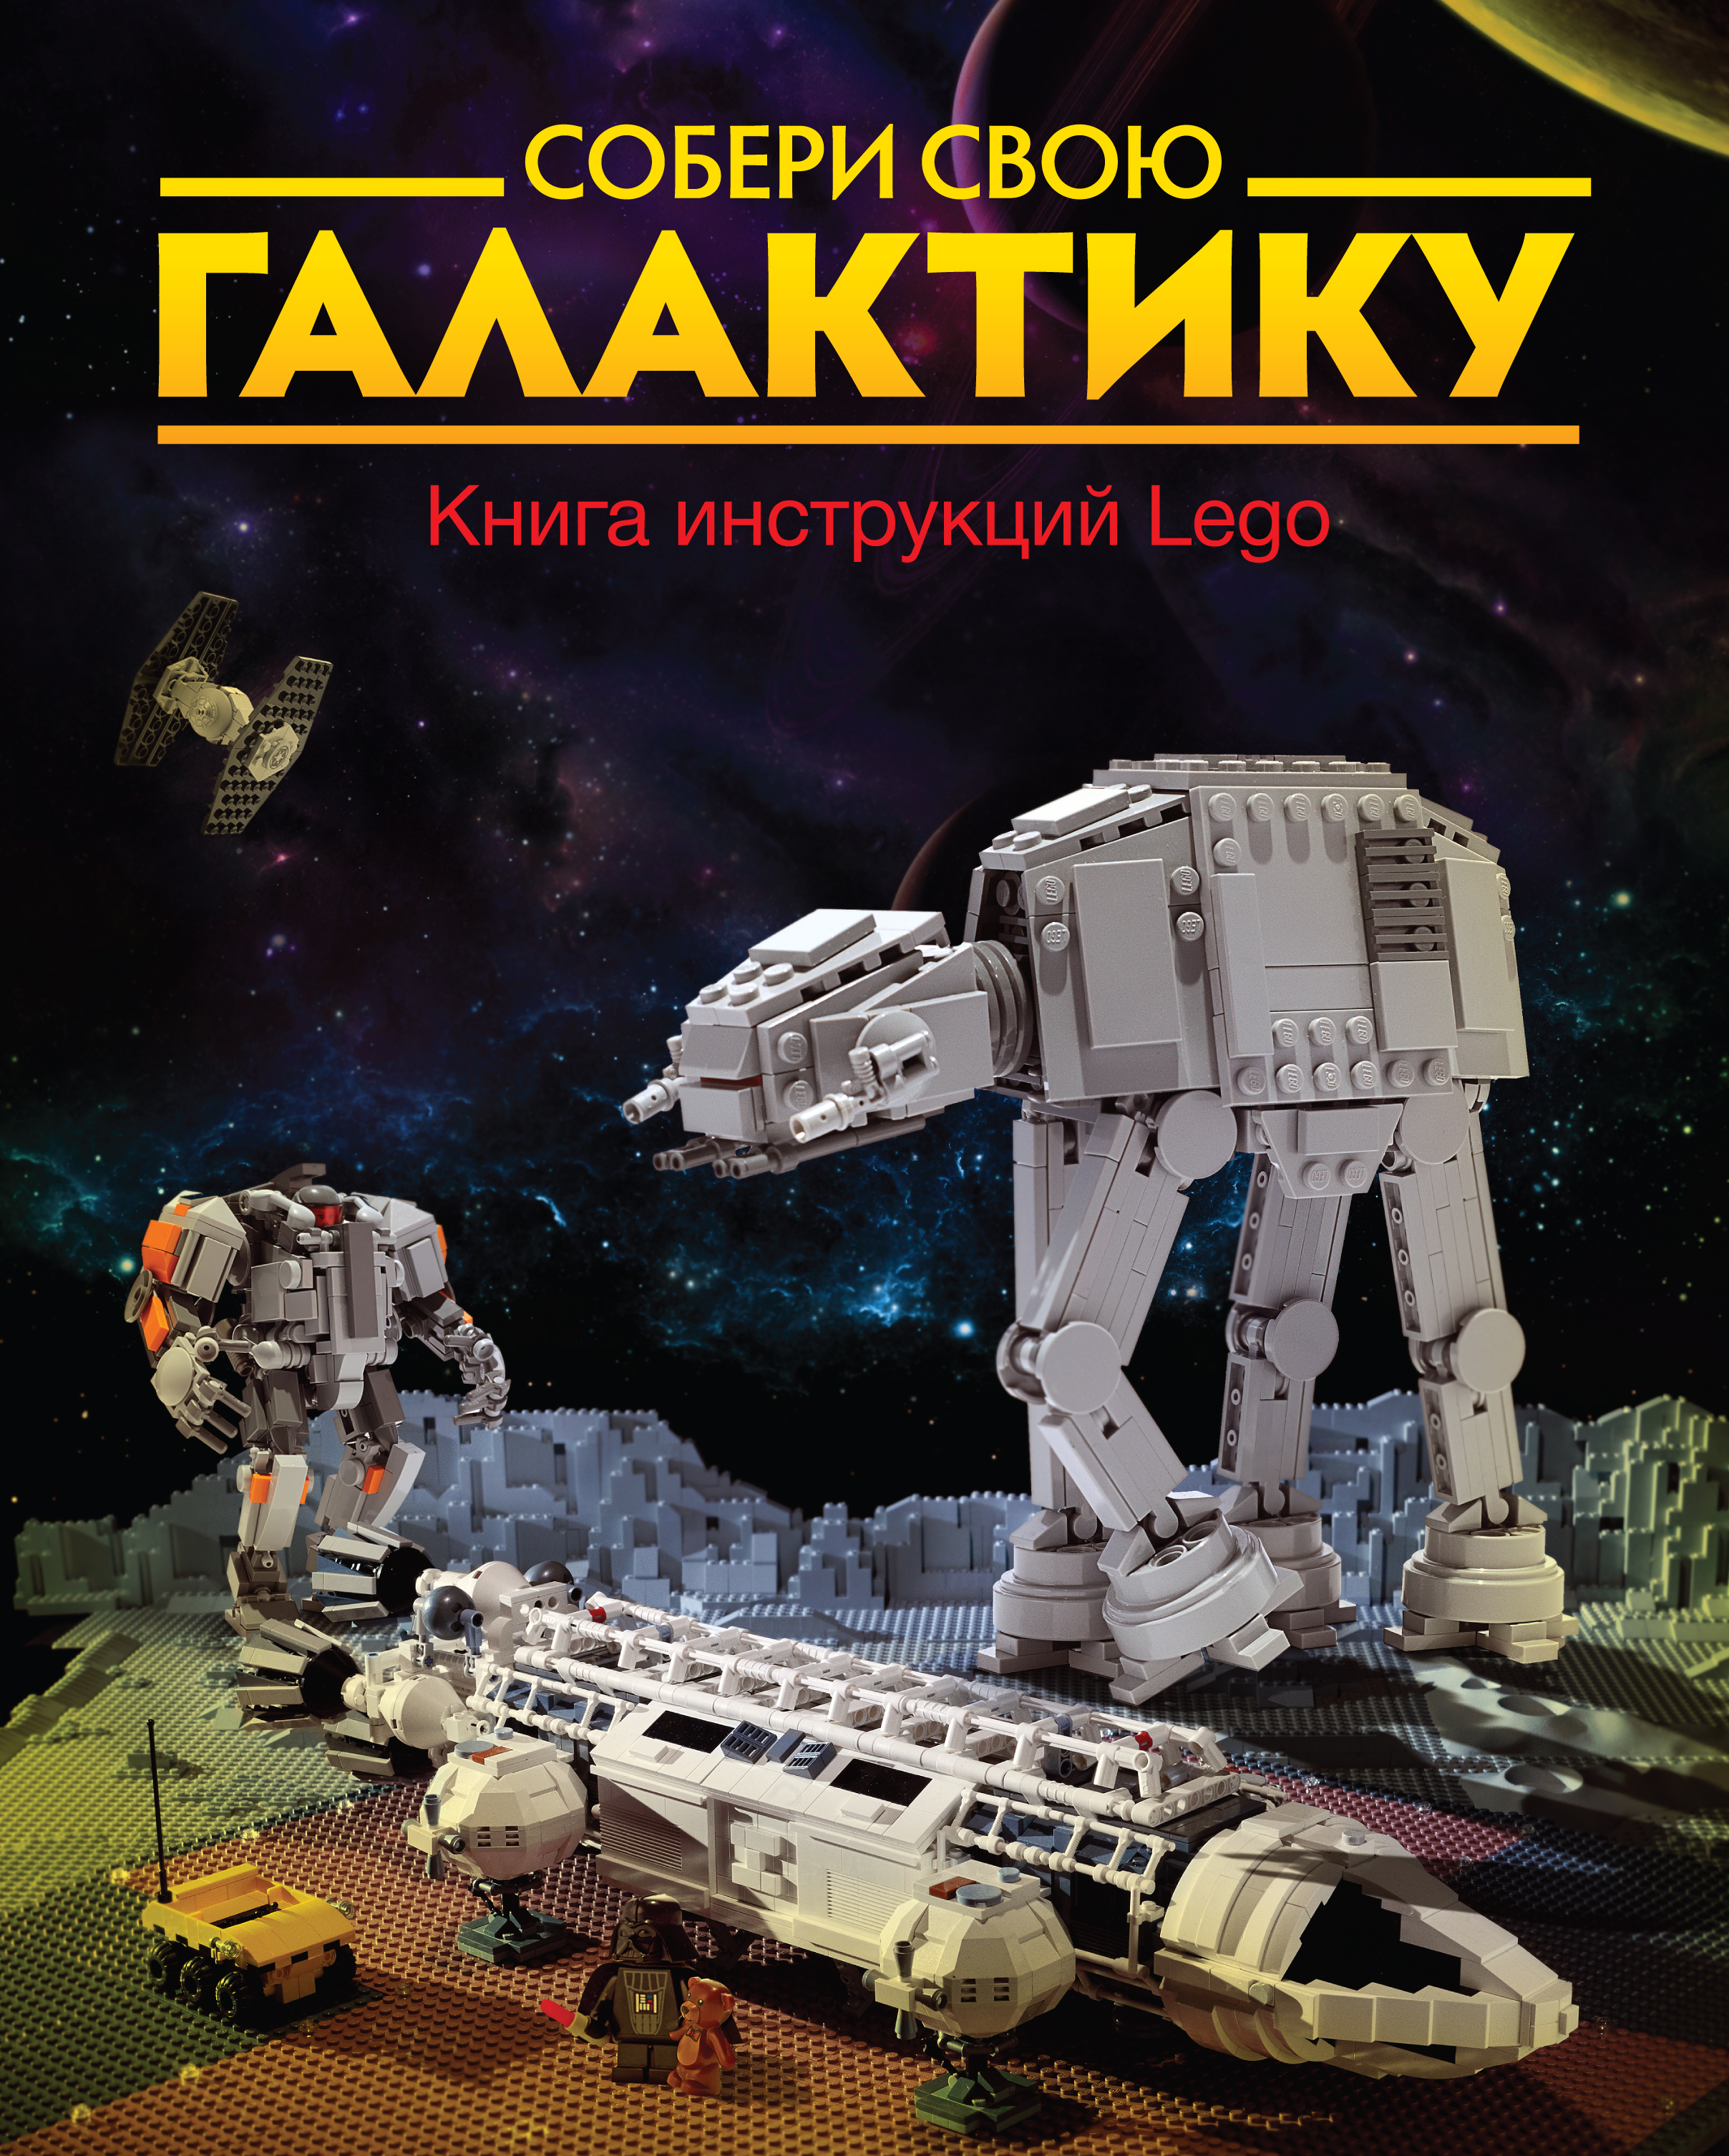 Собери свою галактику. Книга инструкций LEGO